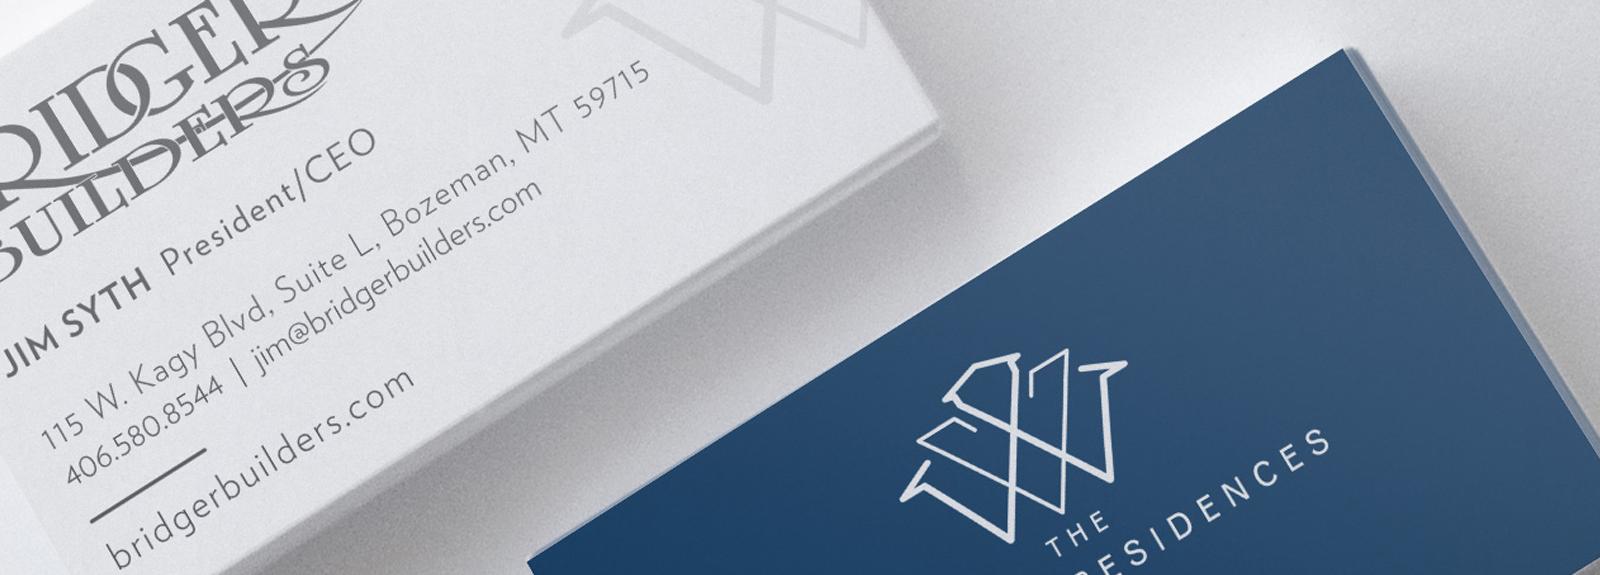 logo-design-bozeman-montana